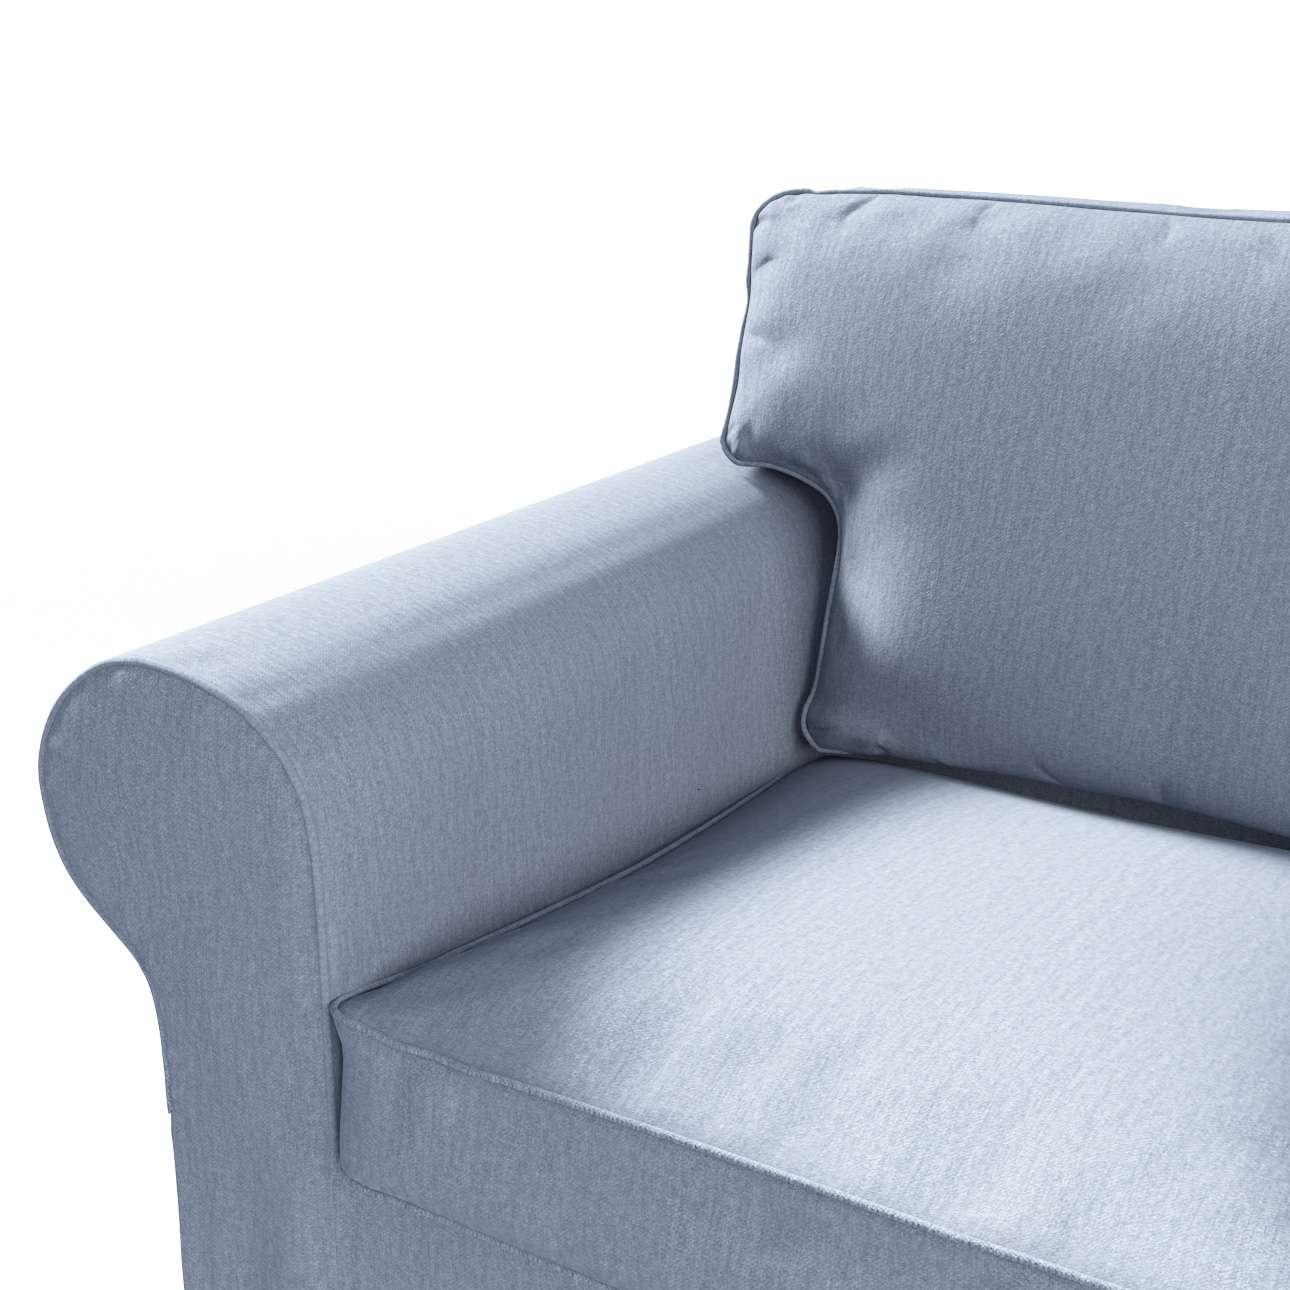 Pokrowiec na sofę Ektorp 2-osobową rozkładana NOWY MODEL 2012 sofa ektorp 2-osobowa rozkładana NOWY MODEL w kolekcji Chenille, tkanina: 702-13